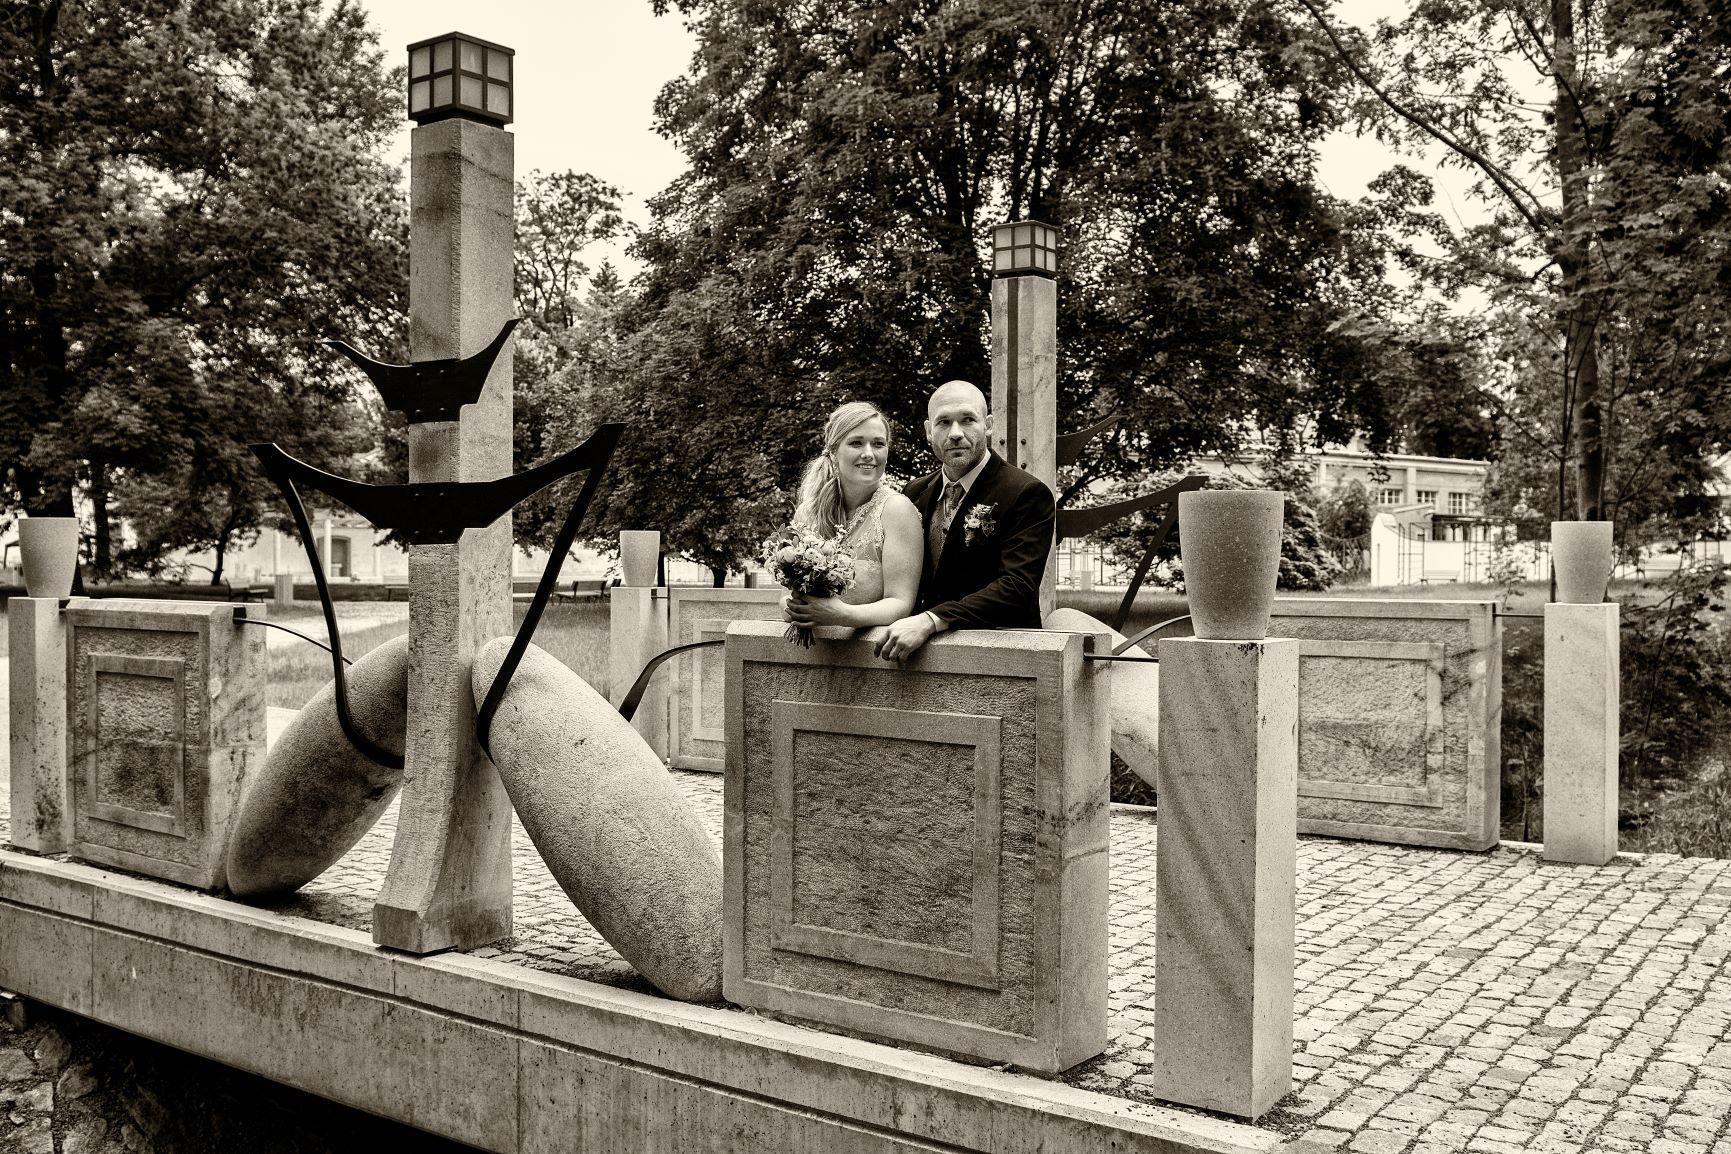 oazadopo - Obřad v Zámeckém parku Praha Dolní Počernice